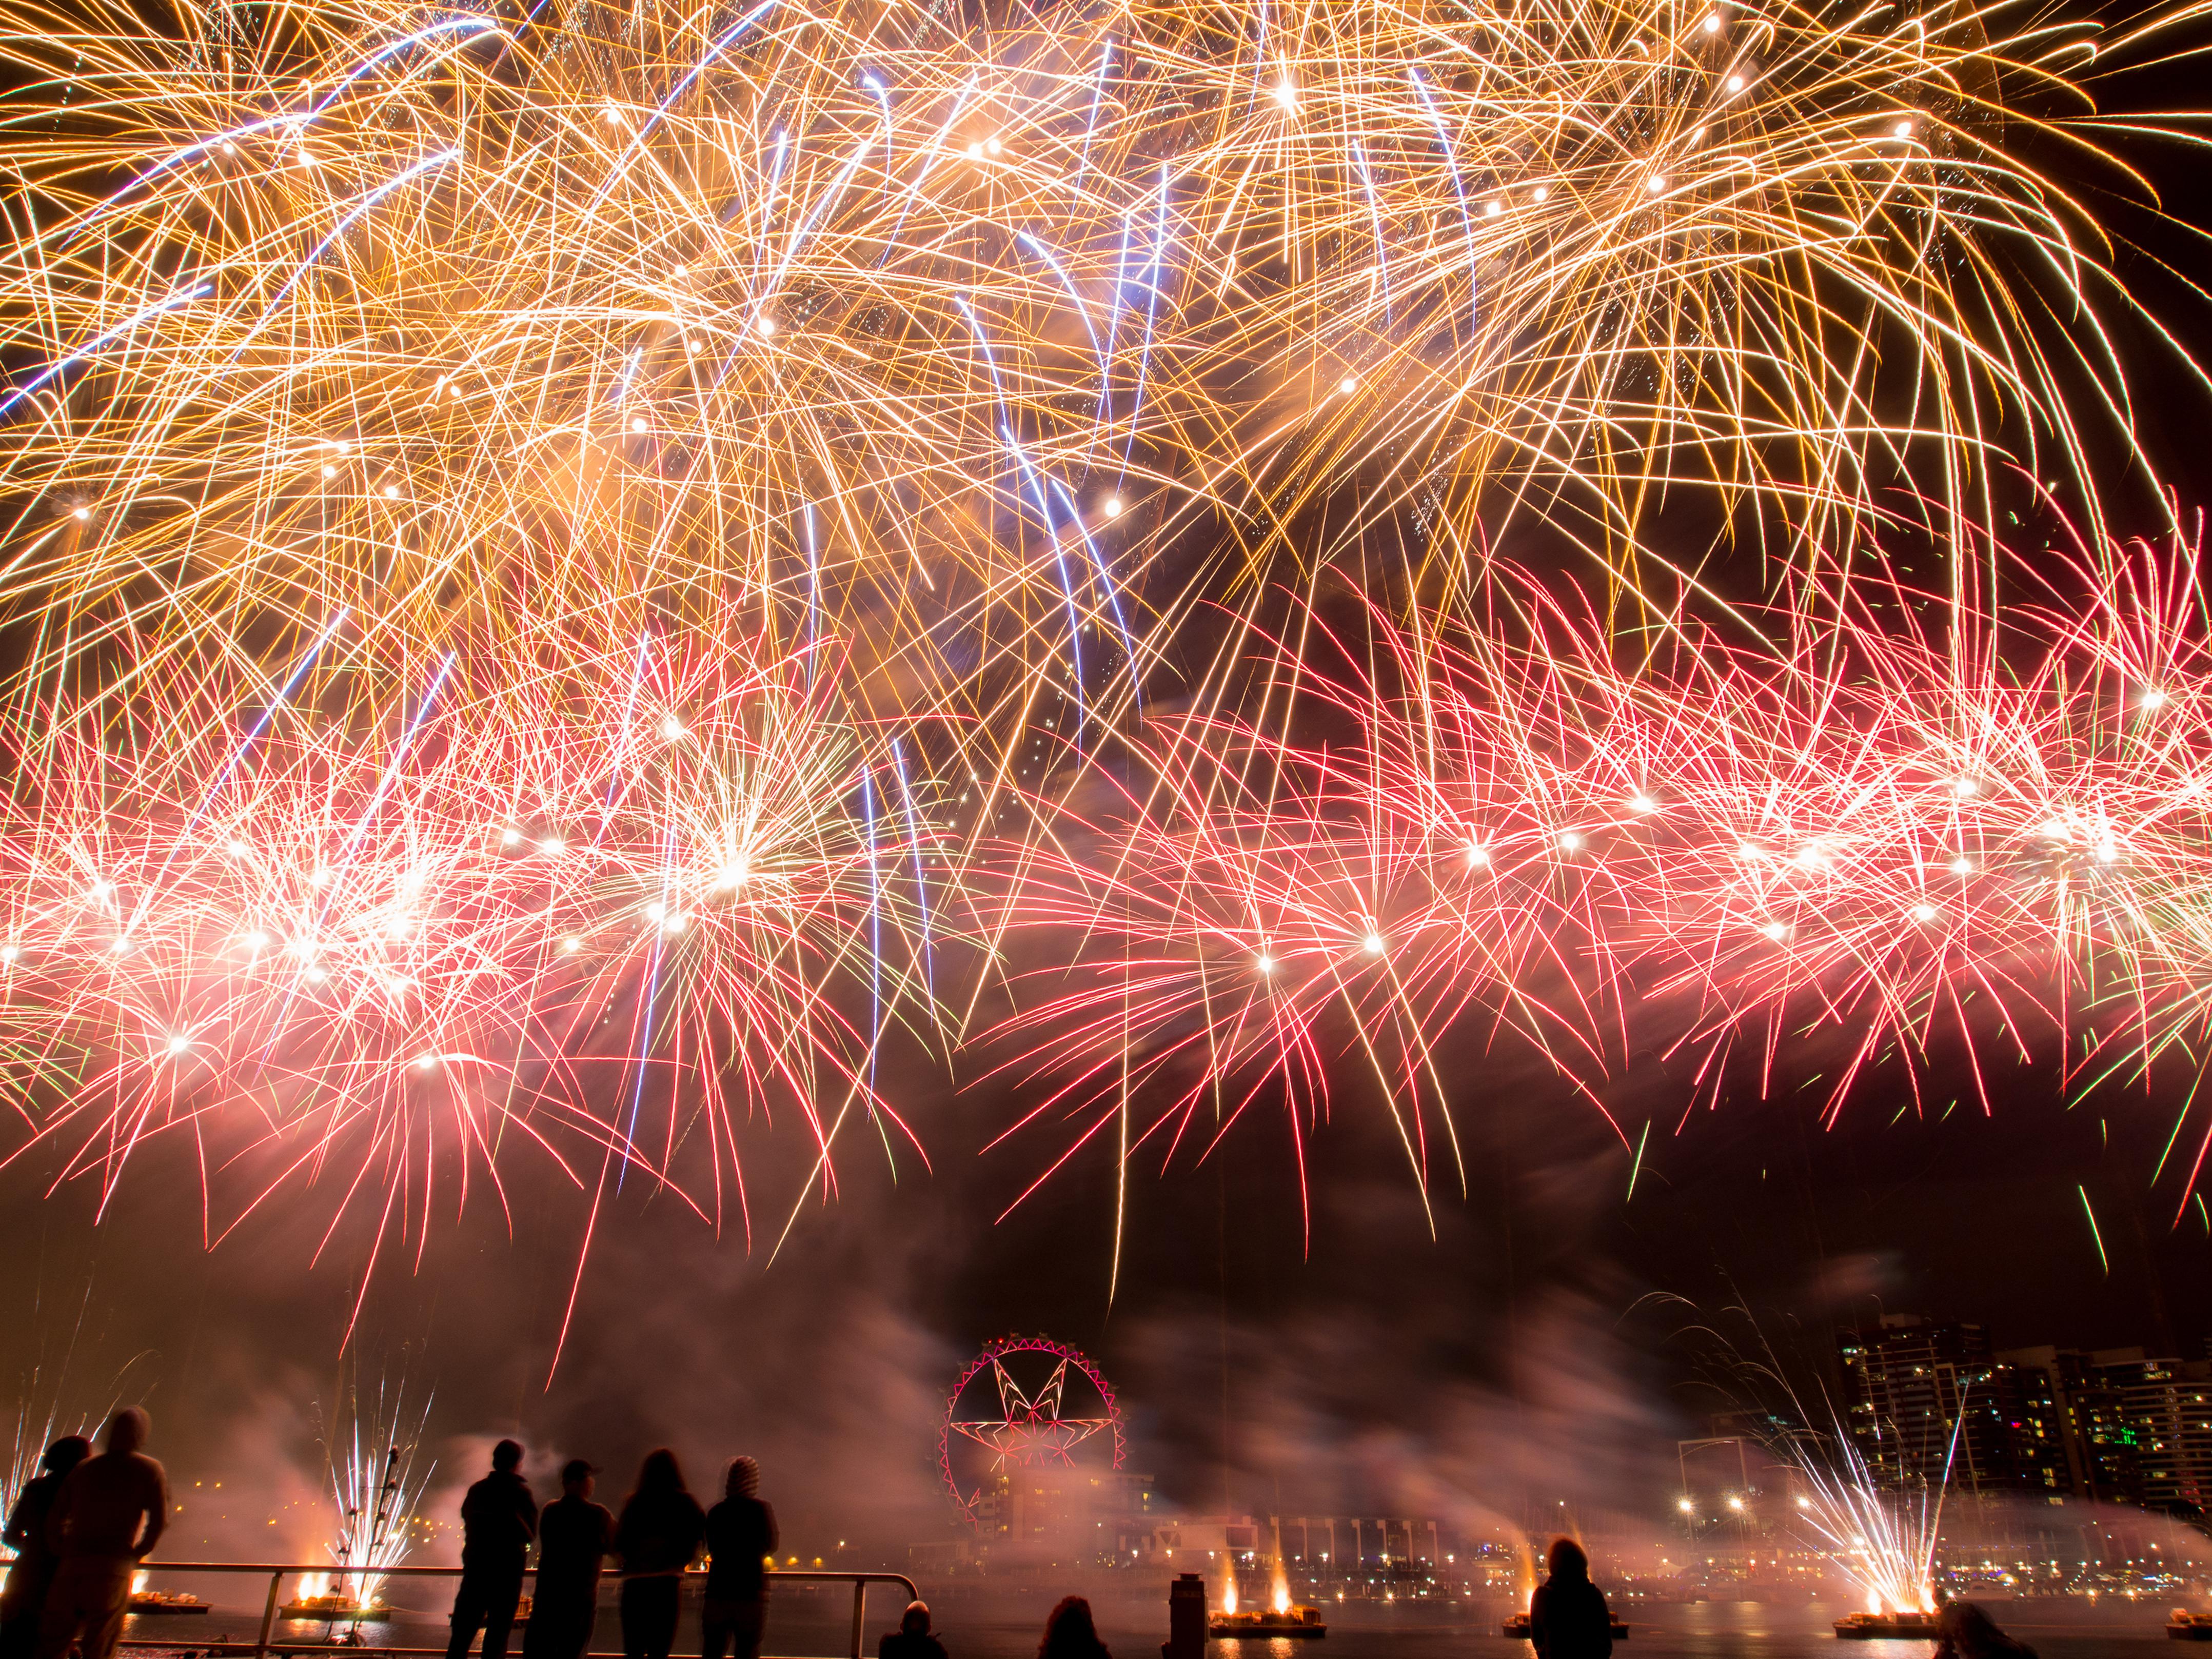 ทัวร์ออสเตรเลีย-ปีใหม่-POPULAR-NEW-YEAR-CELEBRATION-6D-4N-(DEC18)-(TG)